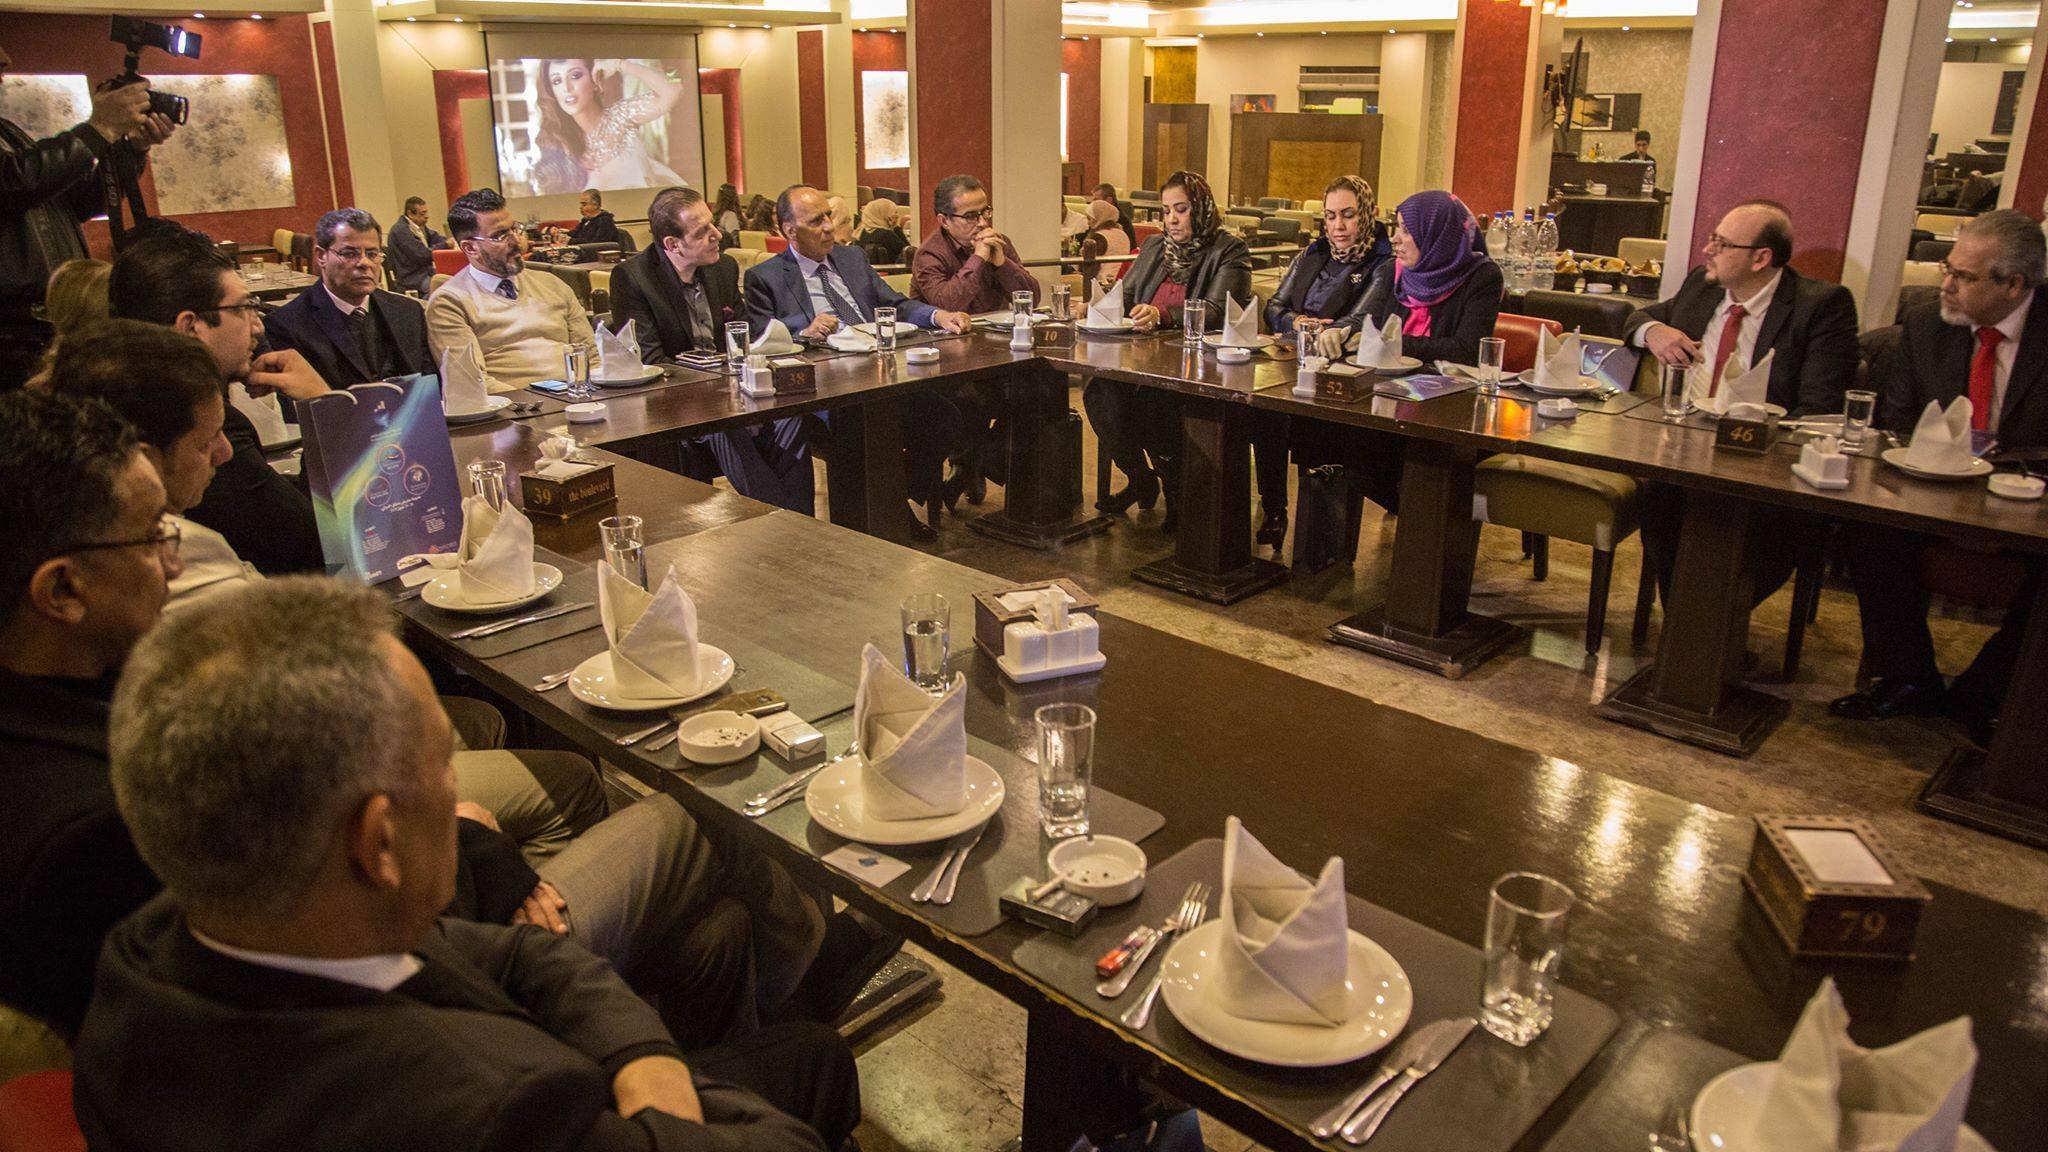 دعوة الشركة الدولية للاستثمار السورية للمشاركة في مؤتمر إعمار بنغازي